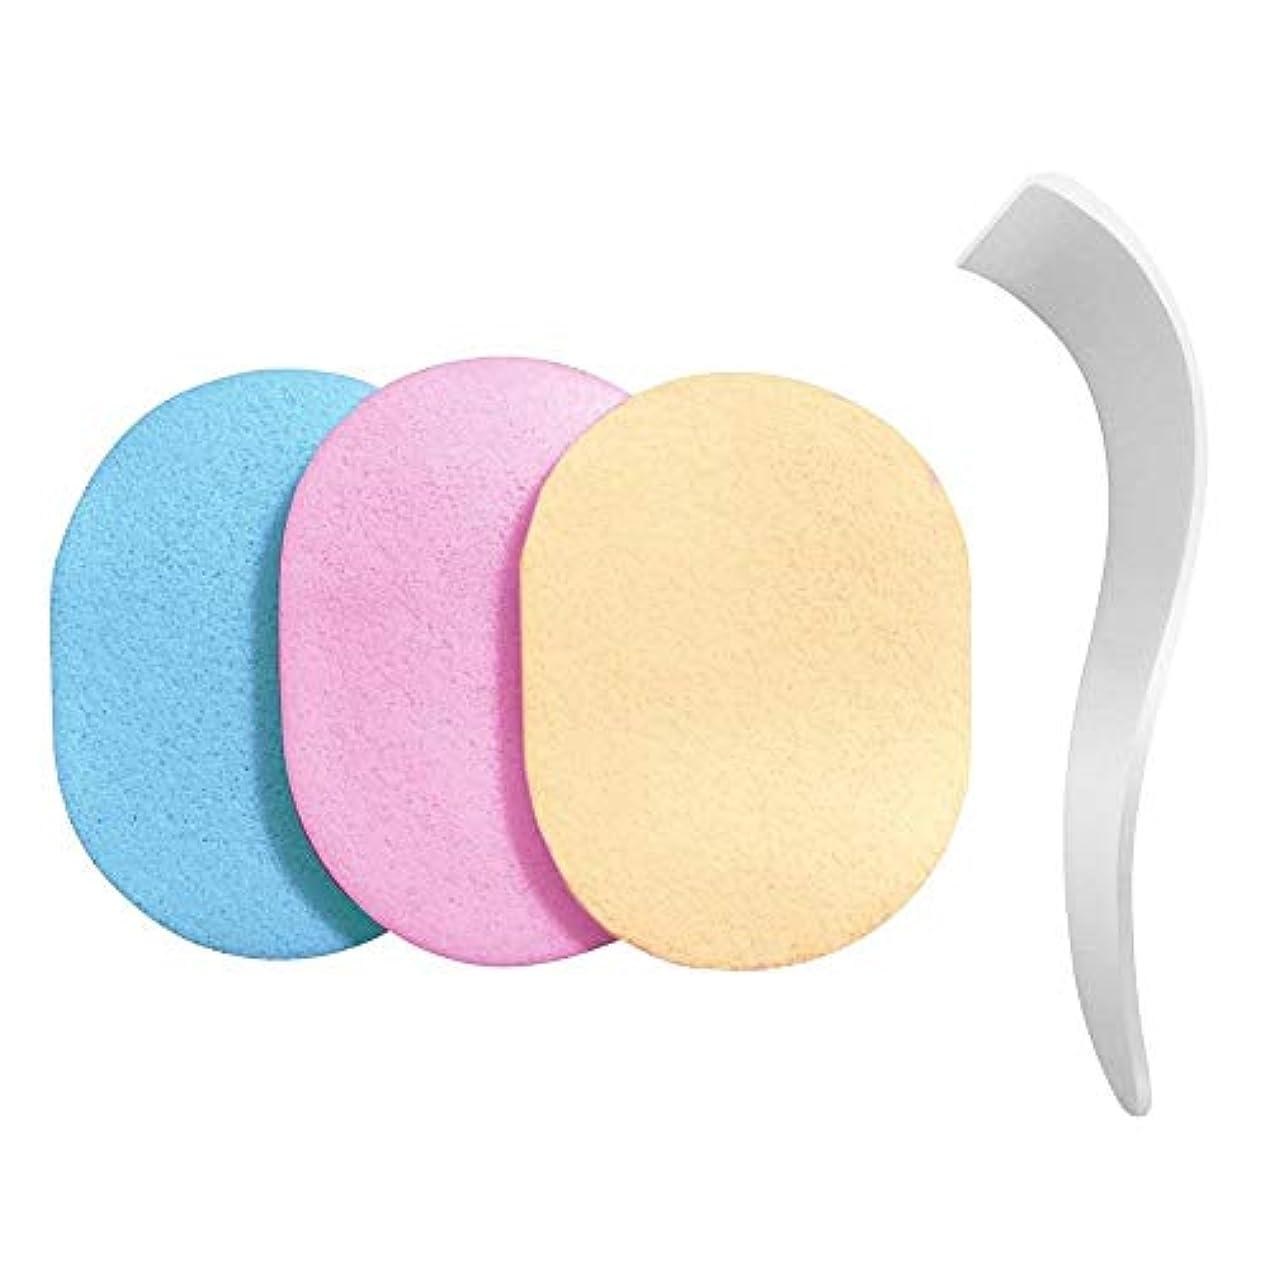 所得アンペアバース専用ヘラ スポンジ 洗って使える 3色セット 除毛クリーム専用 メンズ レディース【除毛用】